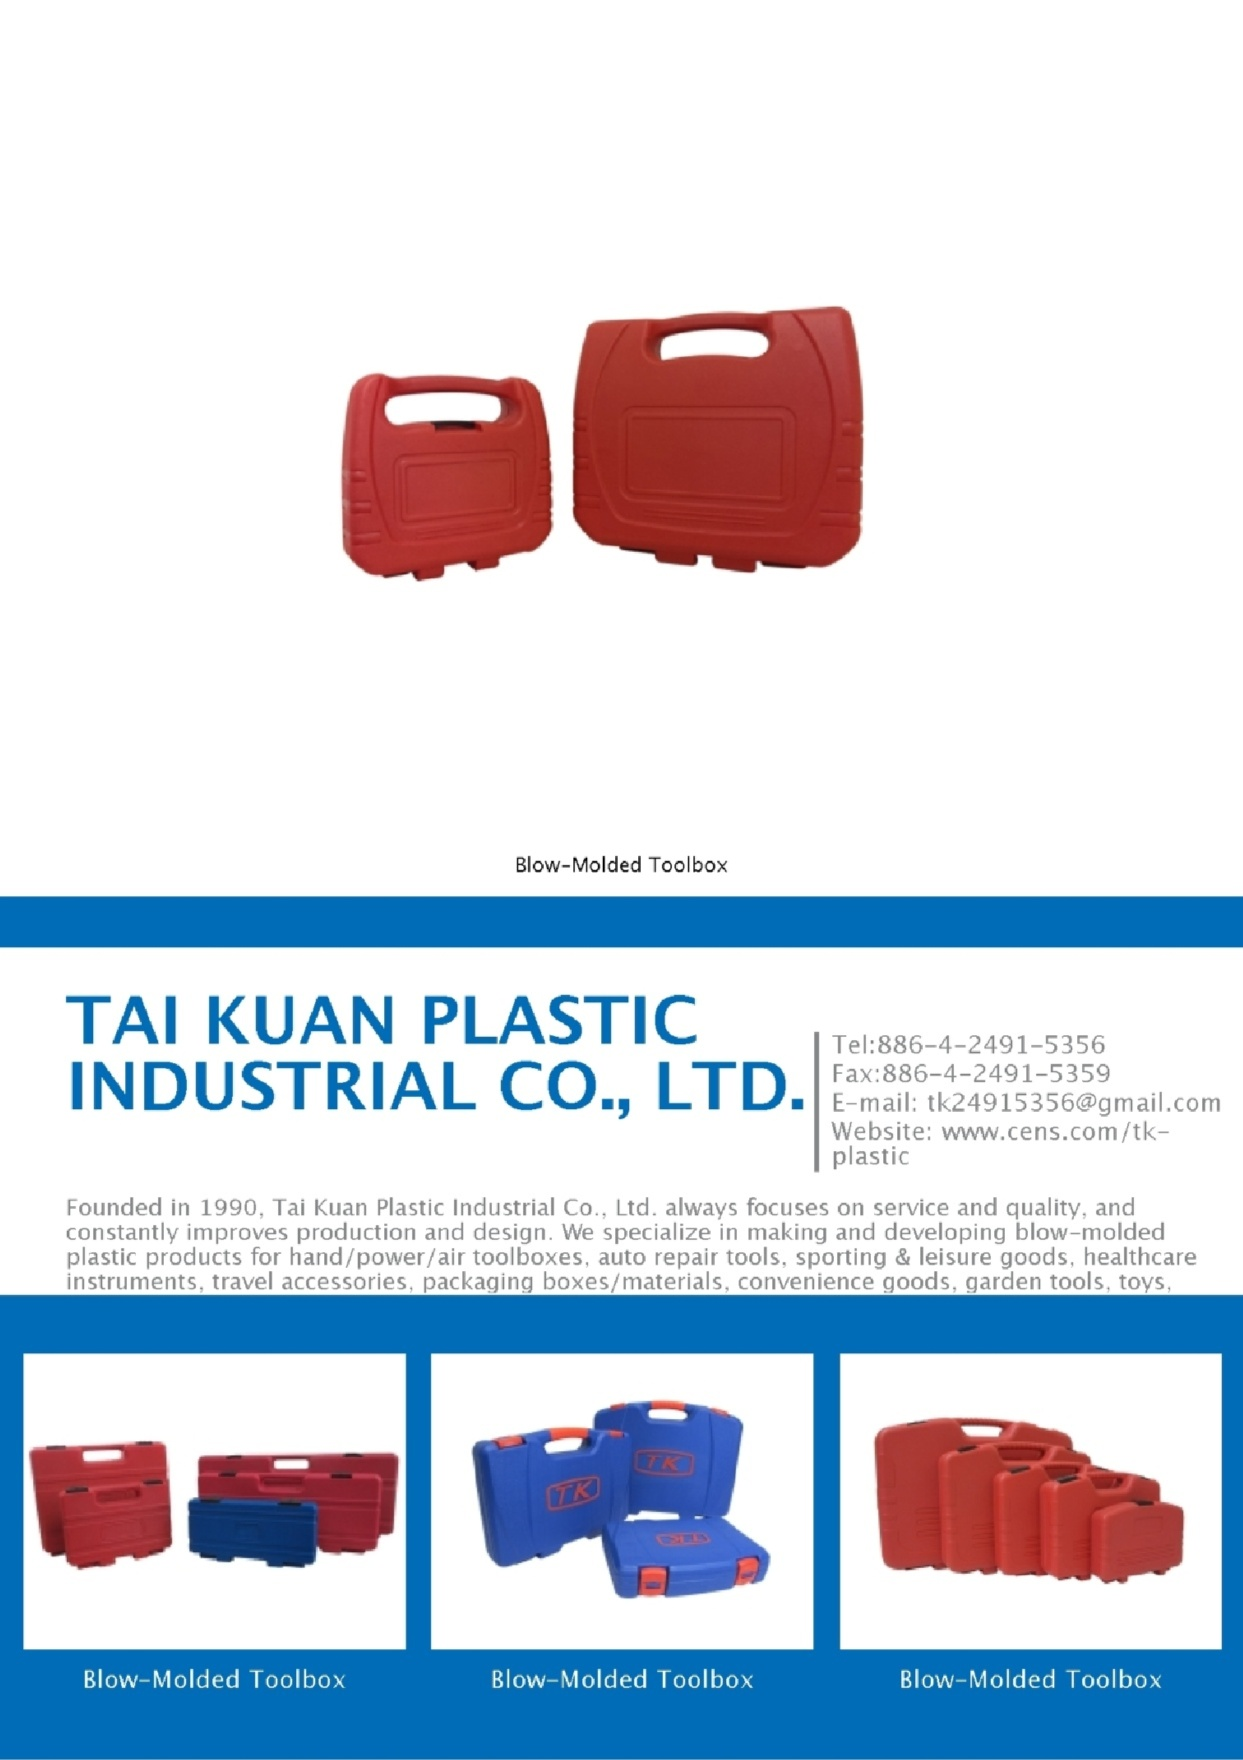 TAI KUAN PLASTIC INDUSTRIAL CO., LTD.